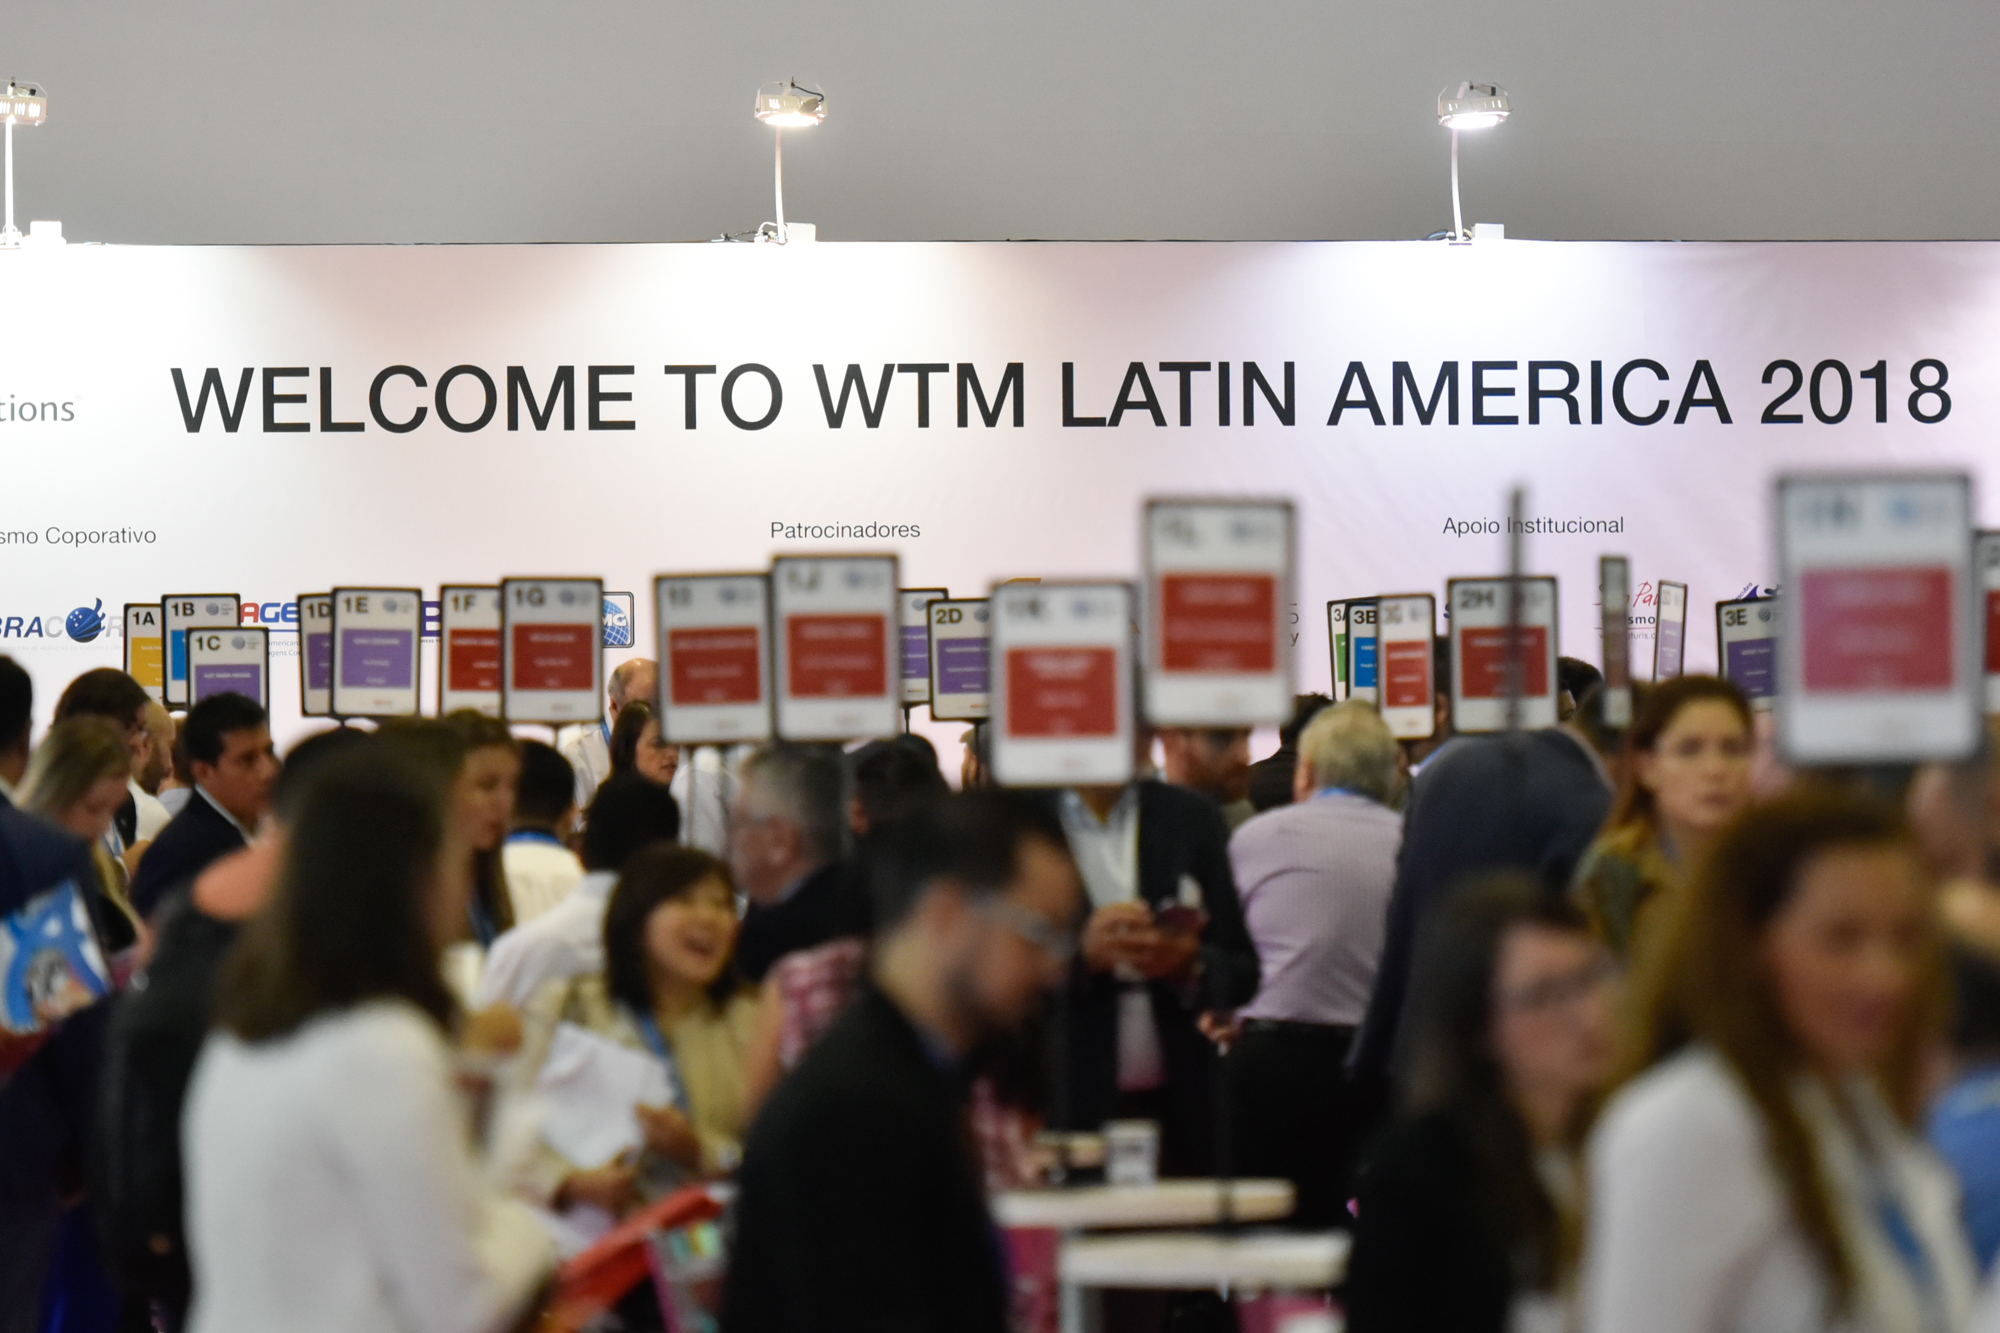 WTM EXPO 2018